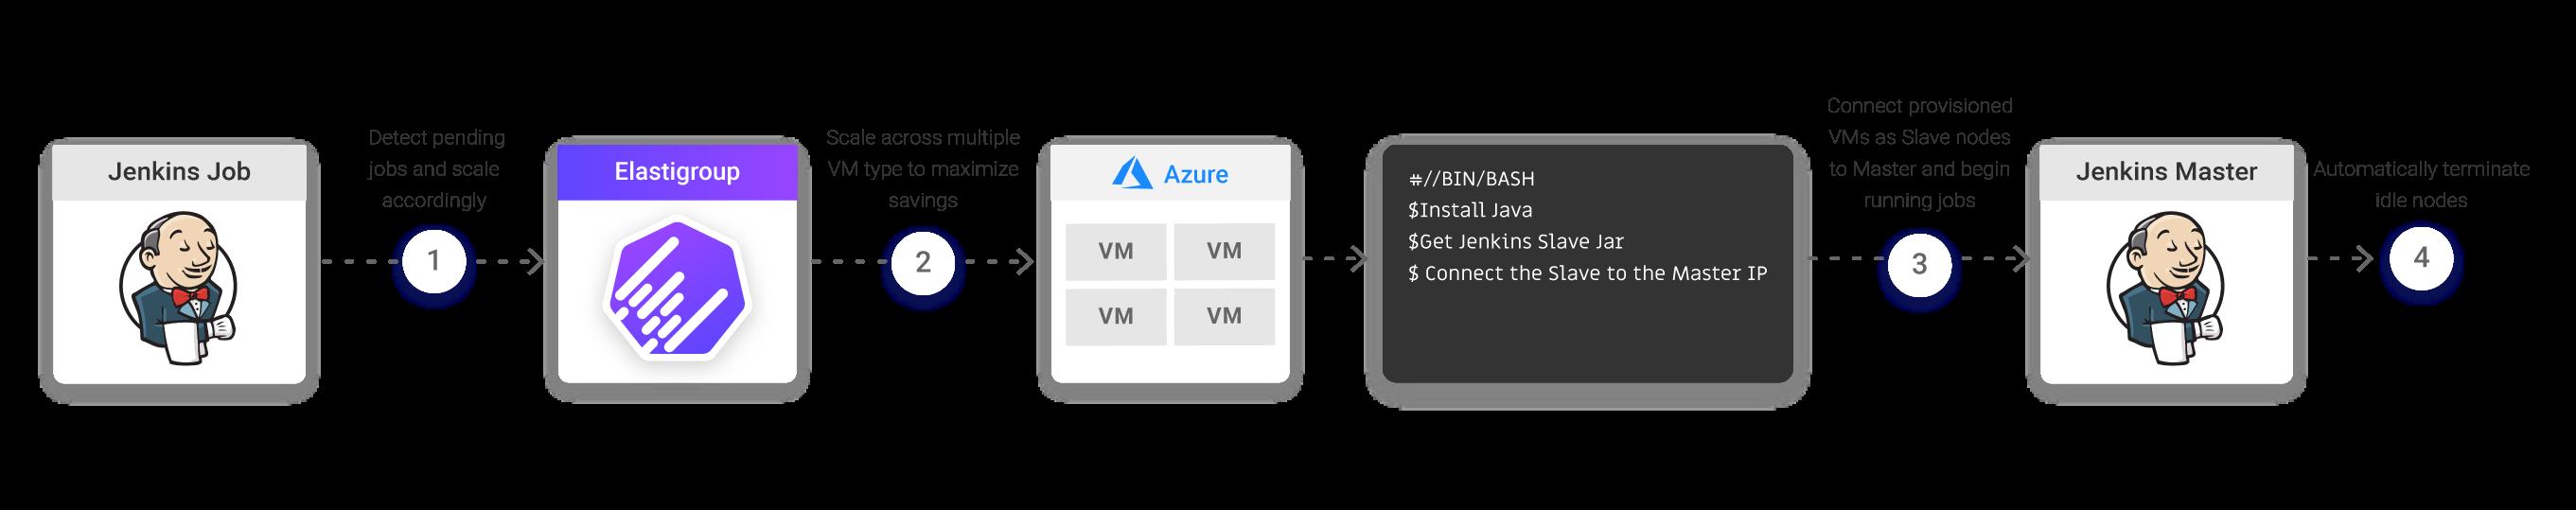 Elastigroup Now Supports Jenkins on Azure - News & Product Updates